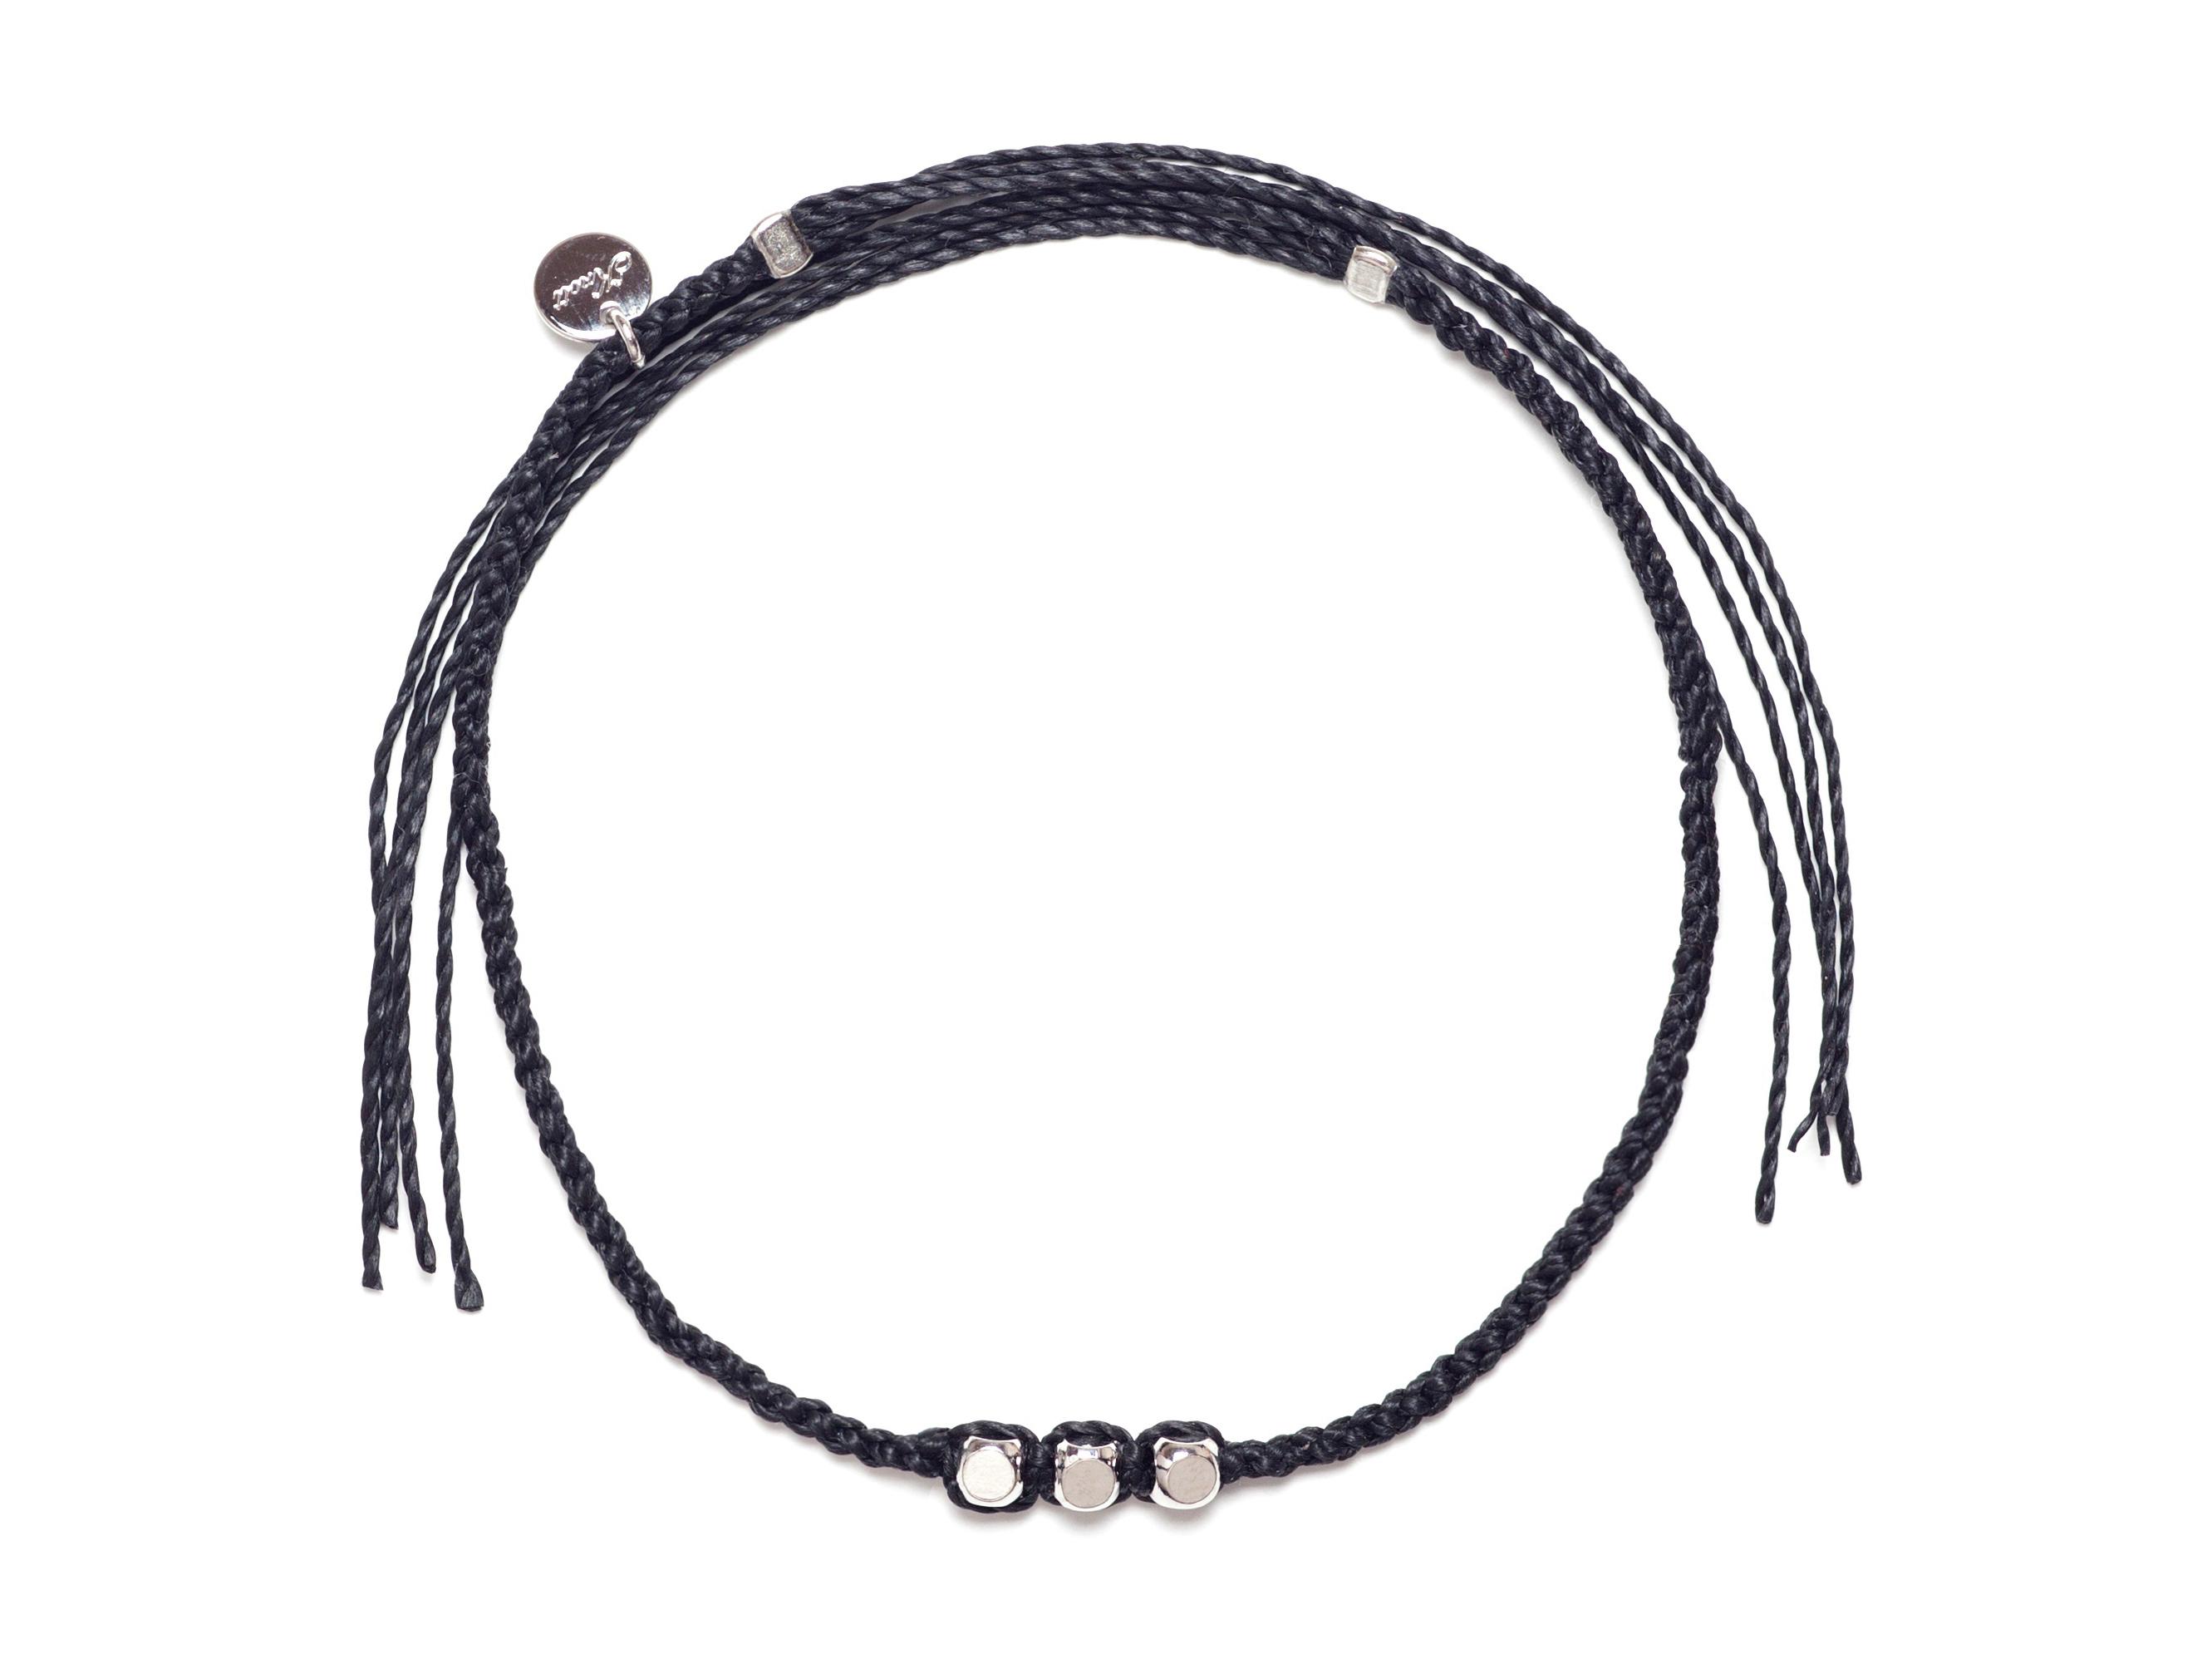 Brass Beads Misanga/Black×Silver (Bracelet/Anklet) [真鍮ビーズミサンガ]